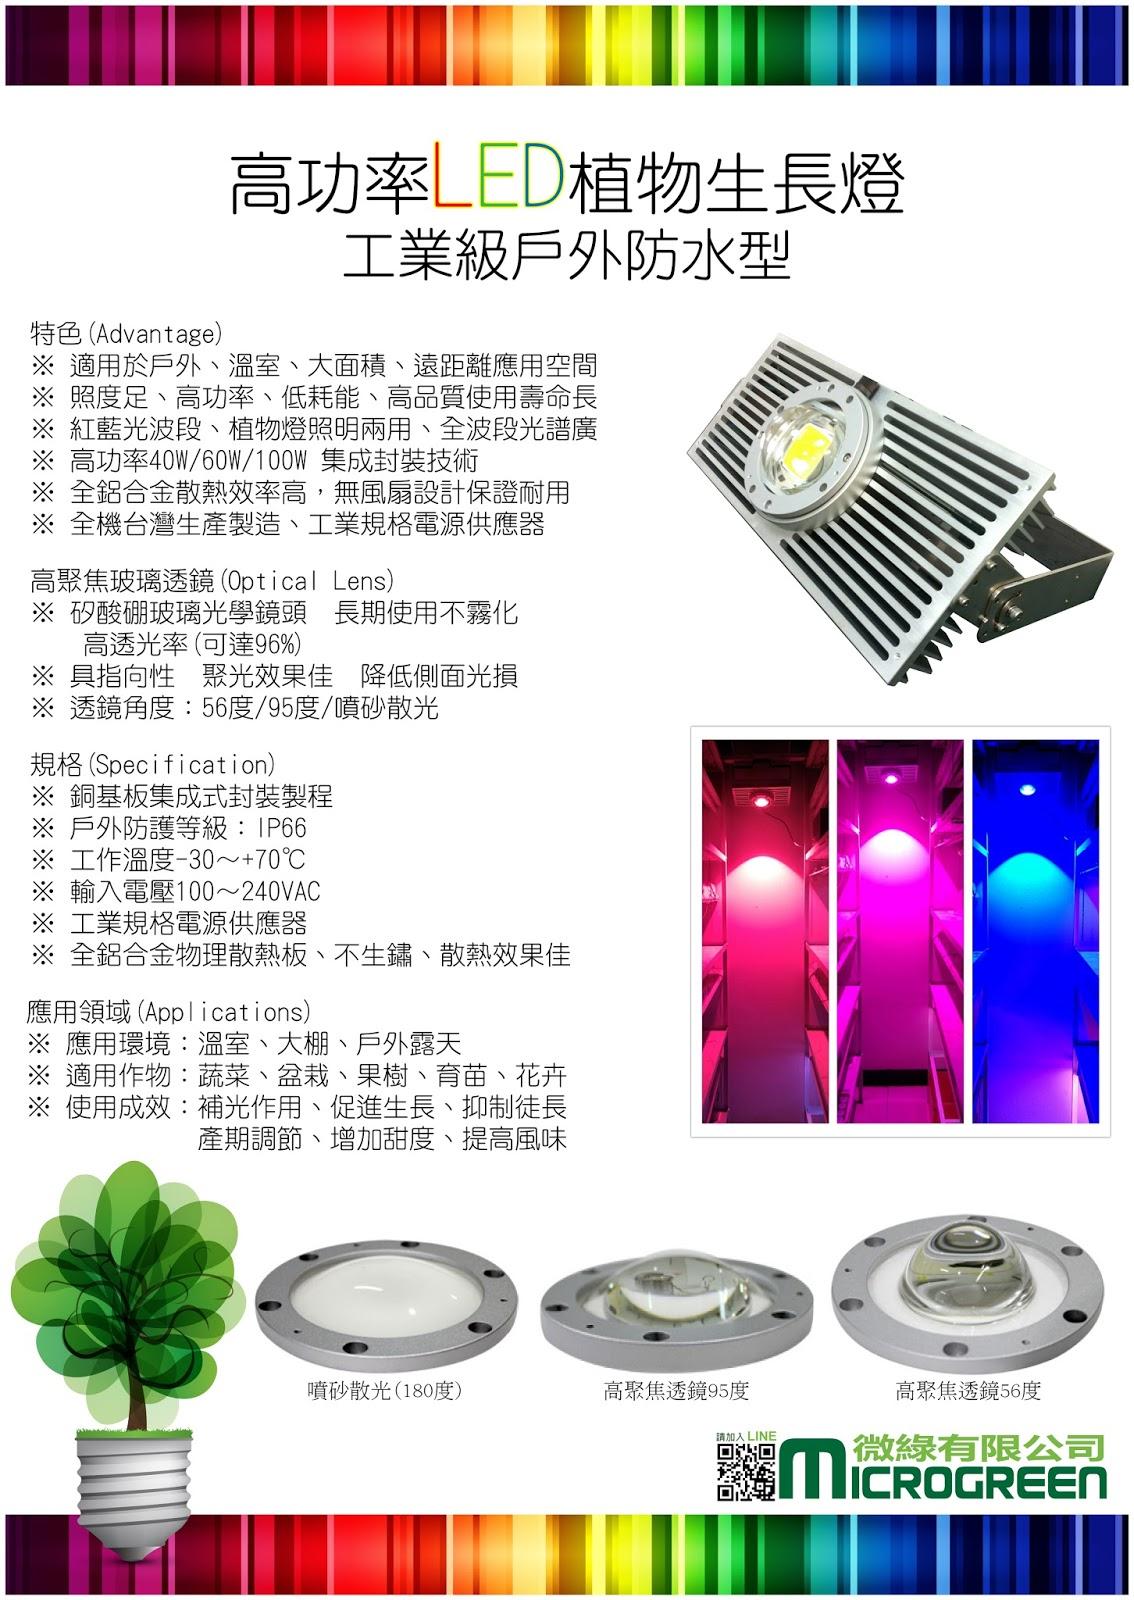 [特性篇] 高功率LED植物生長燈 (工業等級,戶外型,防水防塵,臺灣生產製造) | 農業最佳處方籤